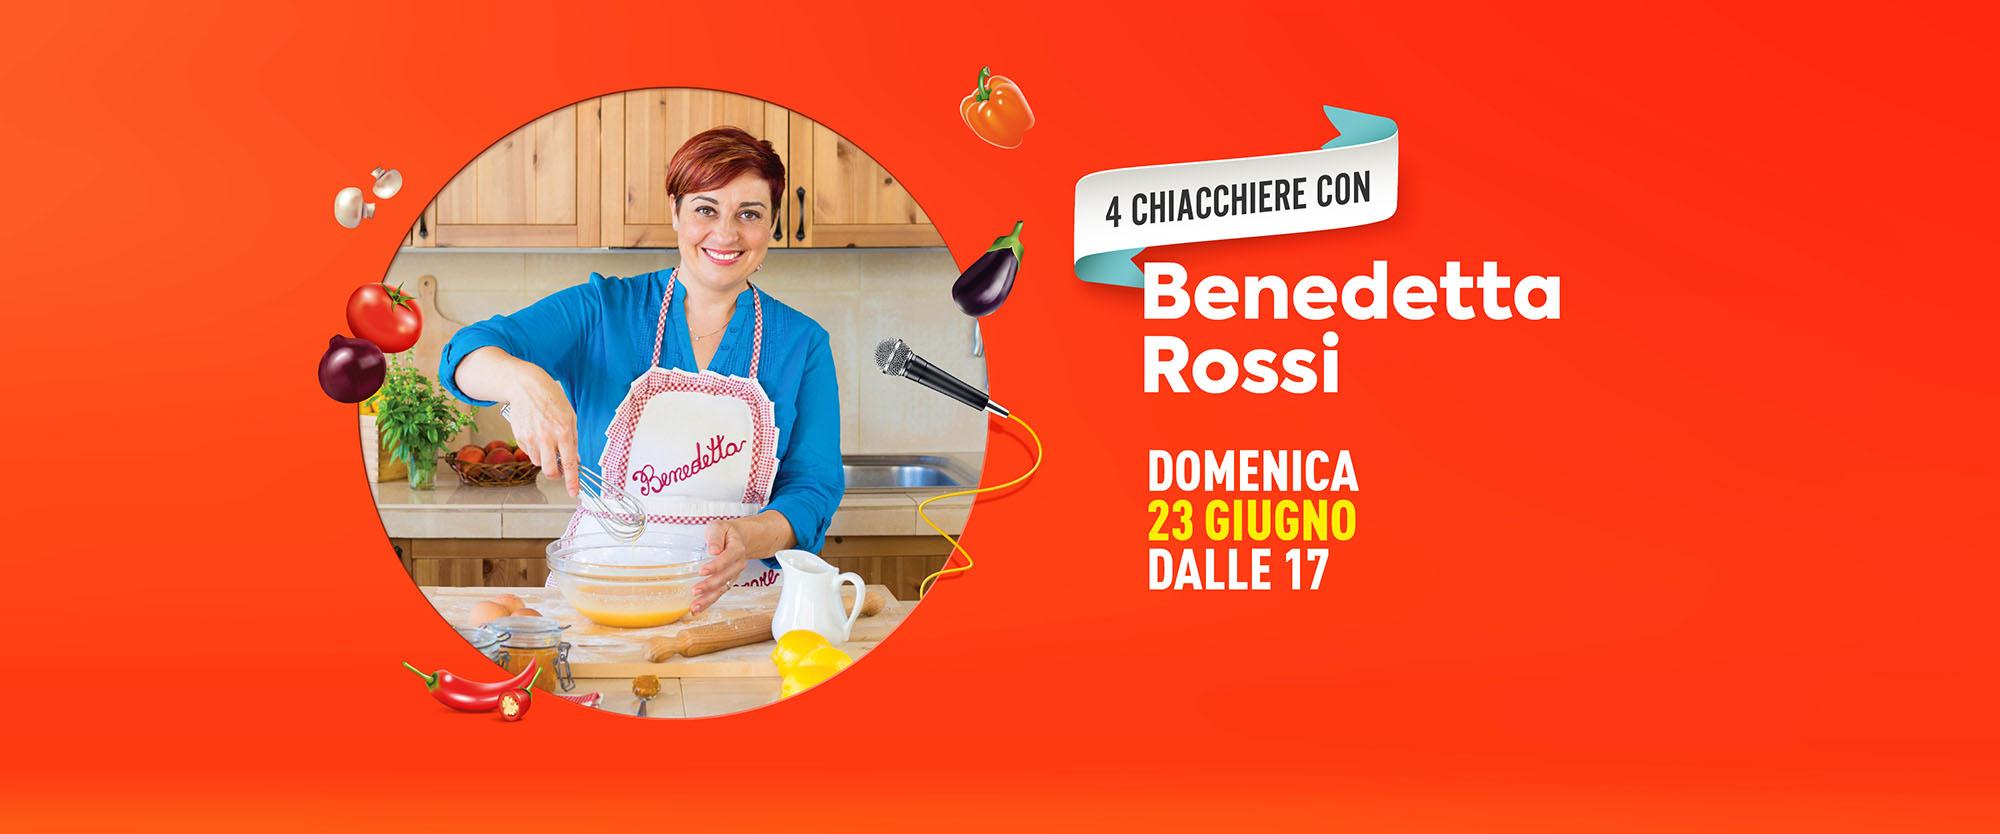 AlBattente_Home_BenedettaRossi